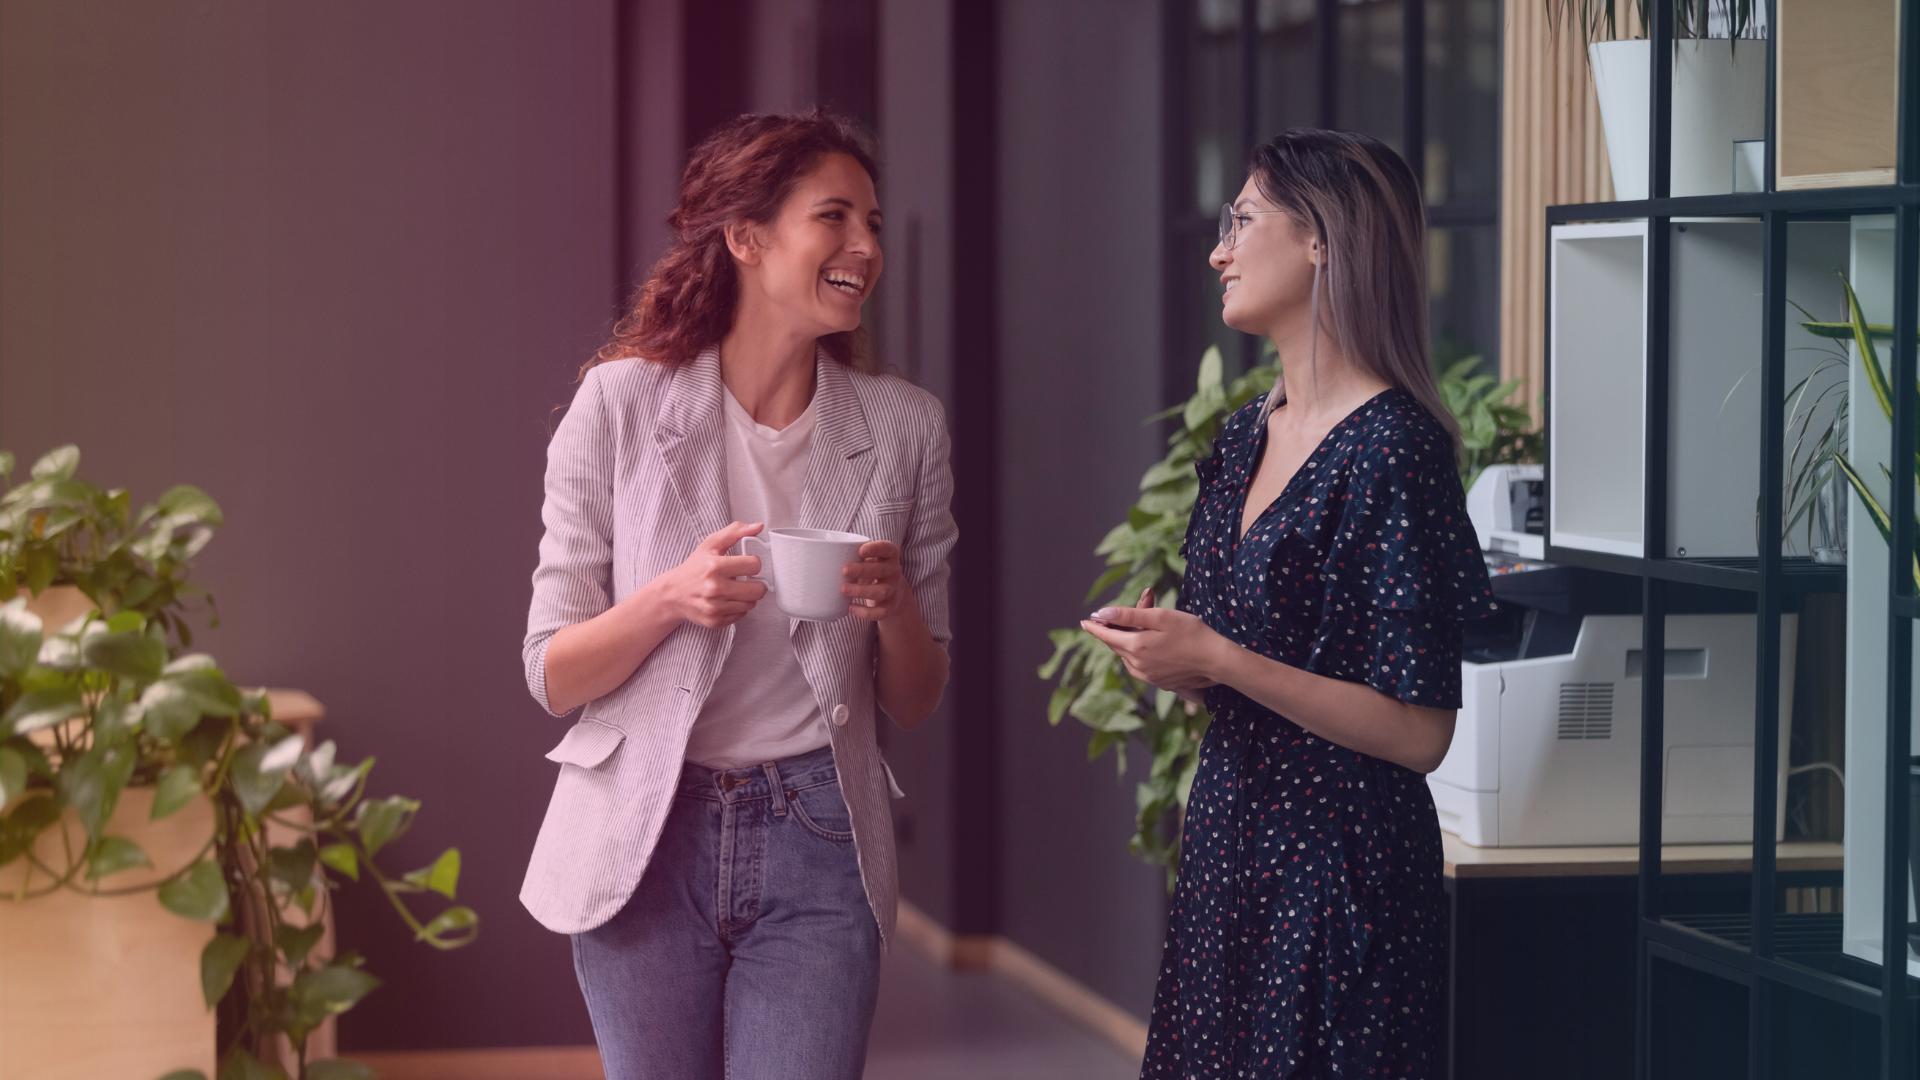 Hitta rätt i förmånsdjungeln – vad vill de anställda egentligen ha?